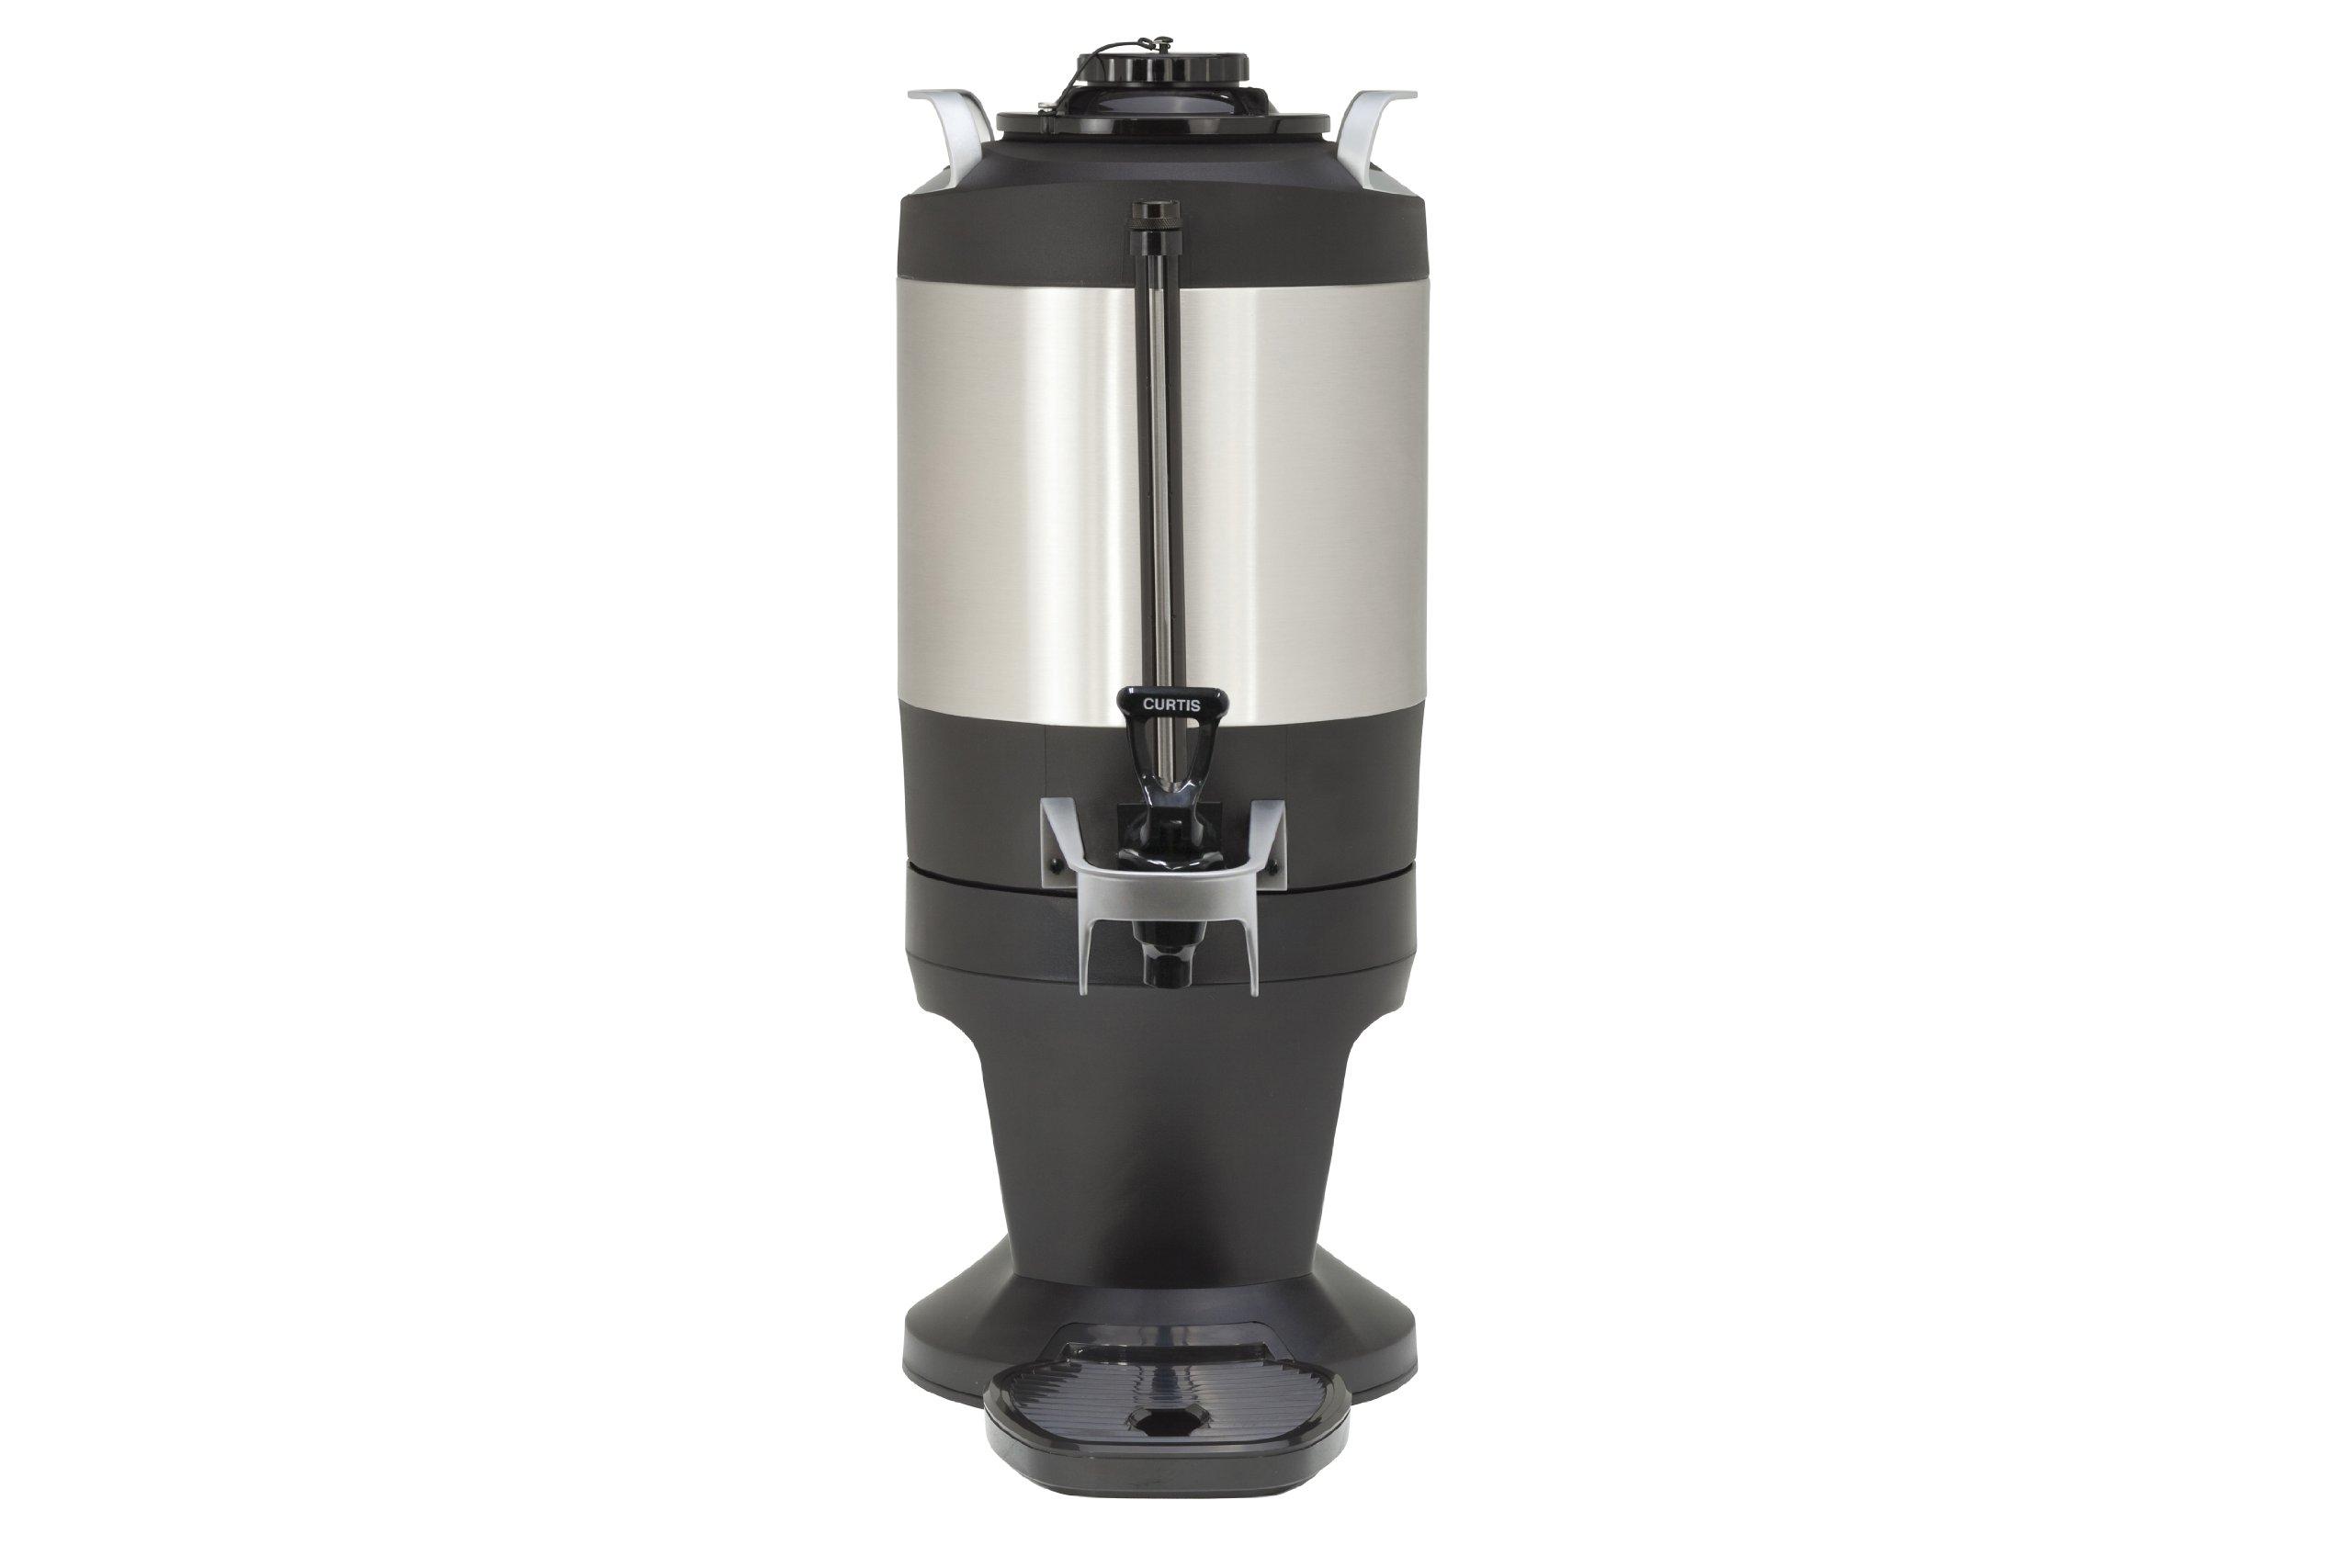 Wilbur Curtis Thermal Dispenser 1.5 Gallon Dispenser, S.S. Body S.S. Liner W/ Stylized Base - Coffee Dispenser - TXSG1501S600 (Each)